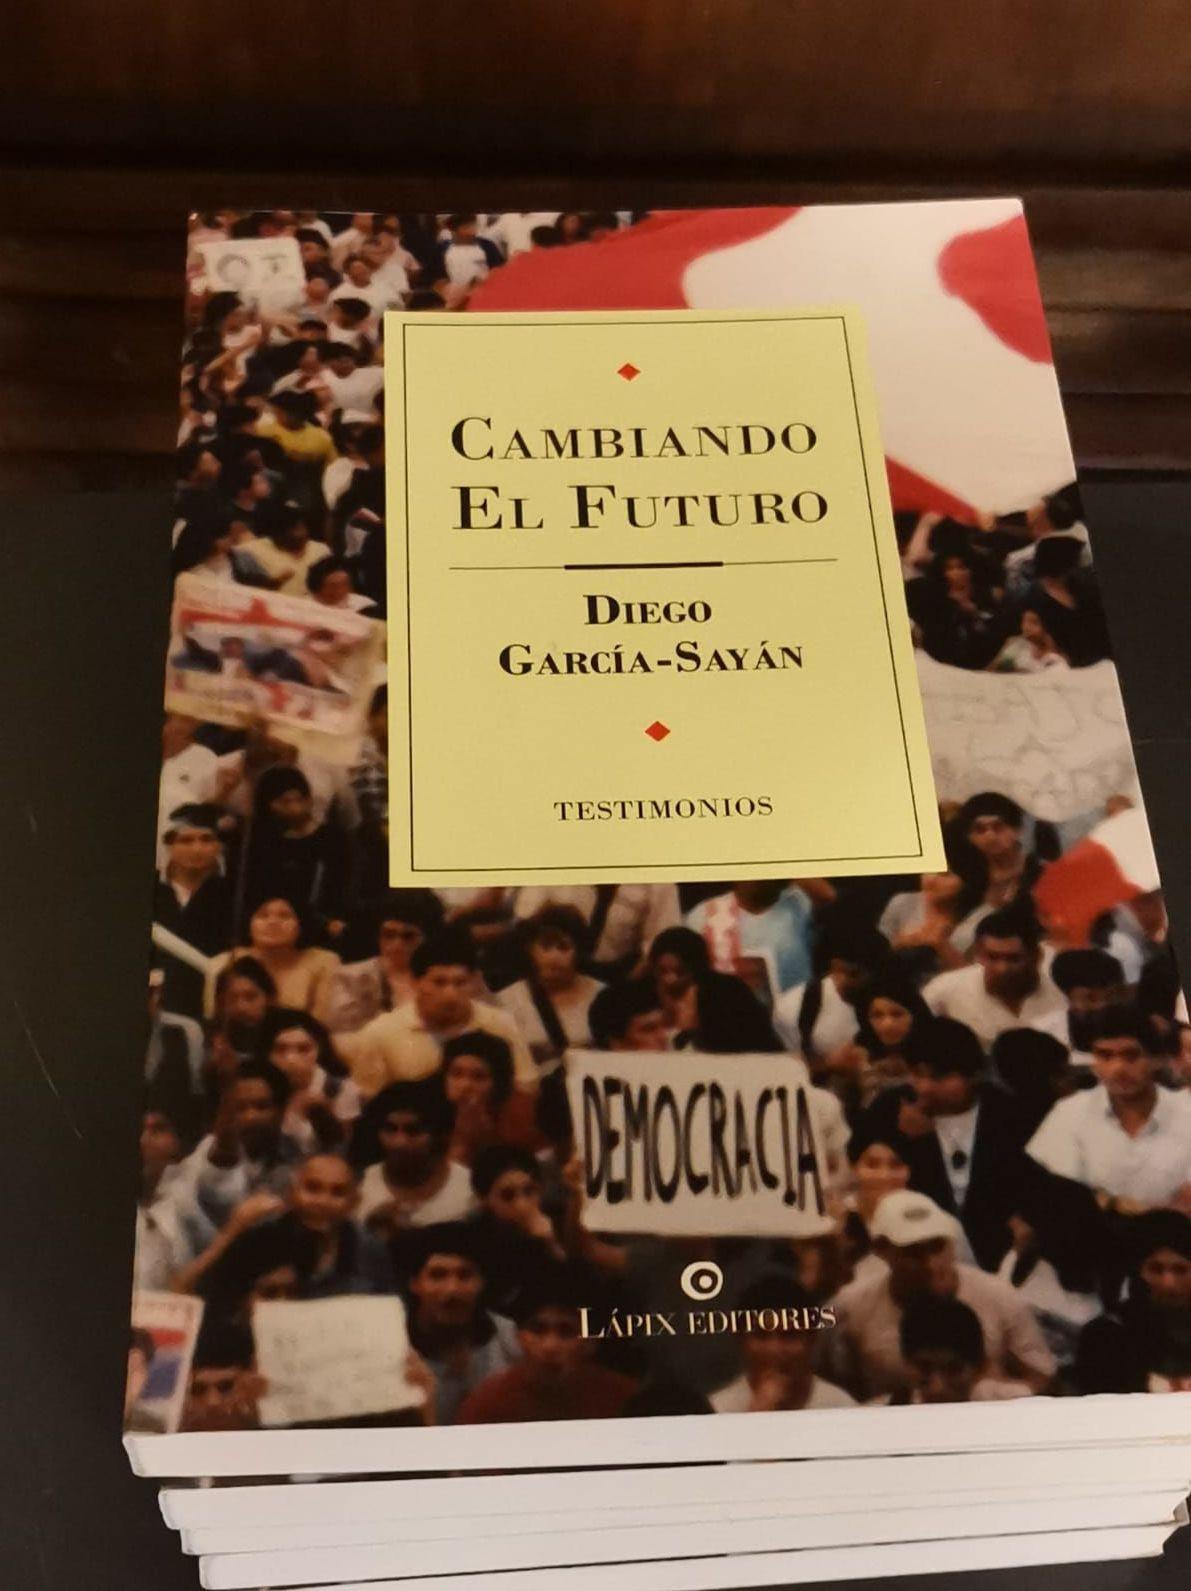 'Cambiando el Futuro' de Diego García Sayán en la 42 Feria del Libro de Uruguay